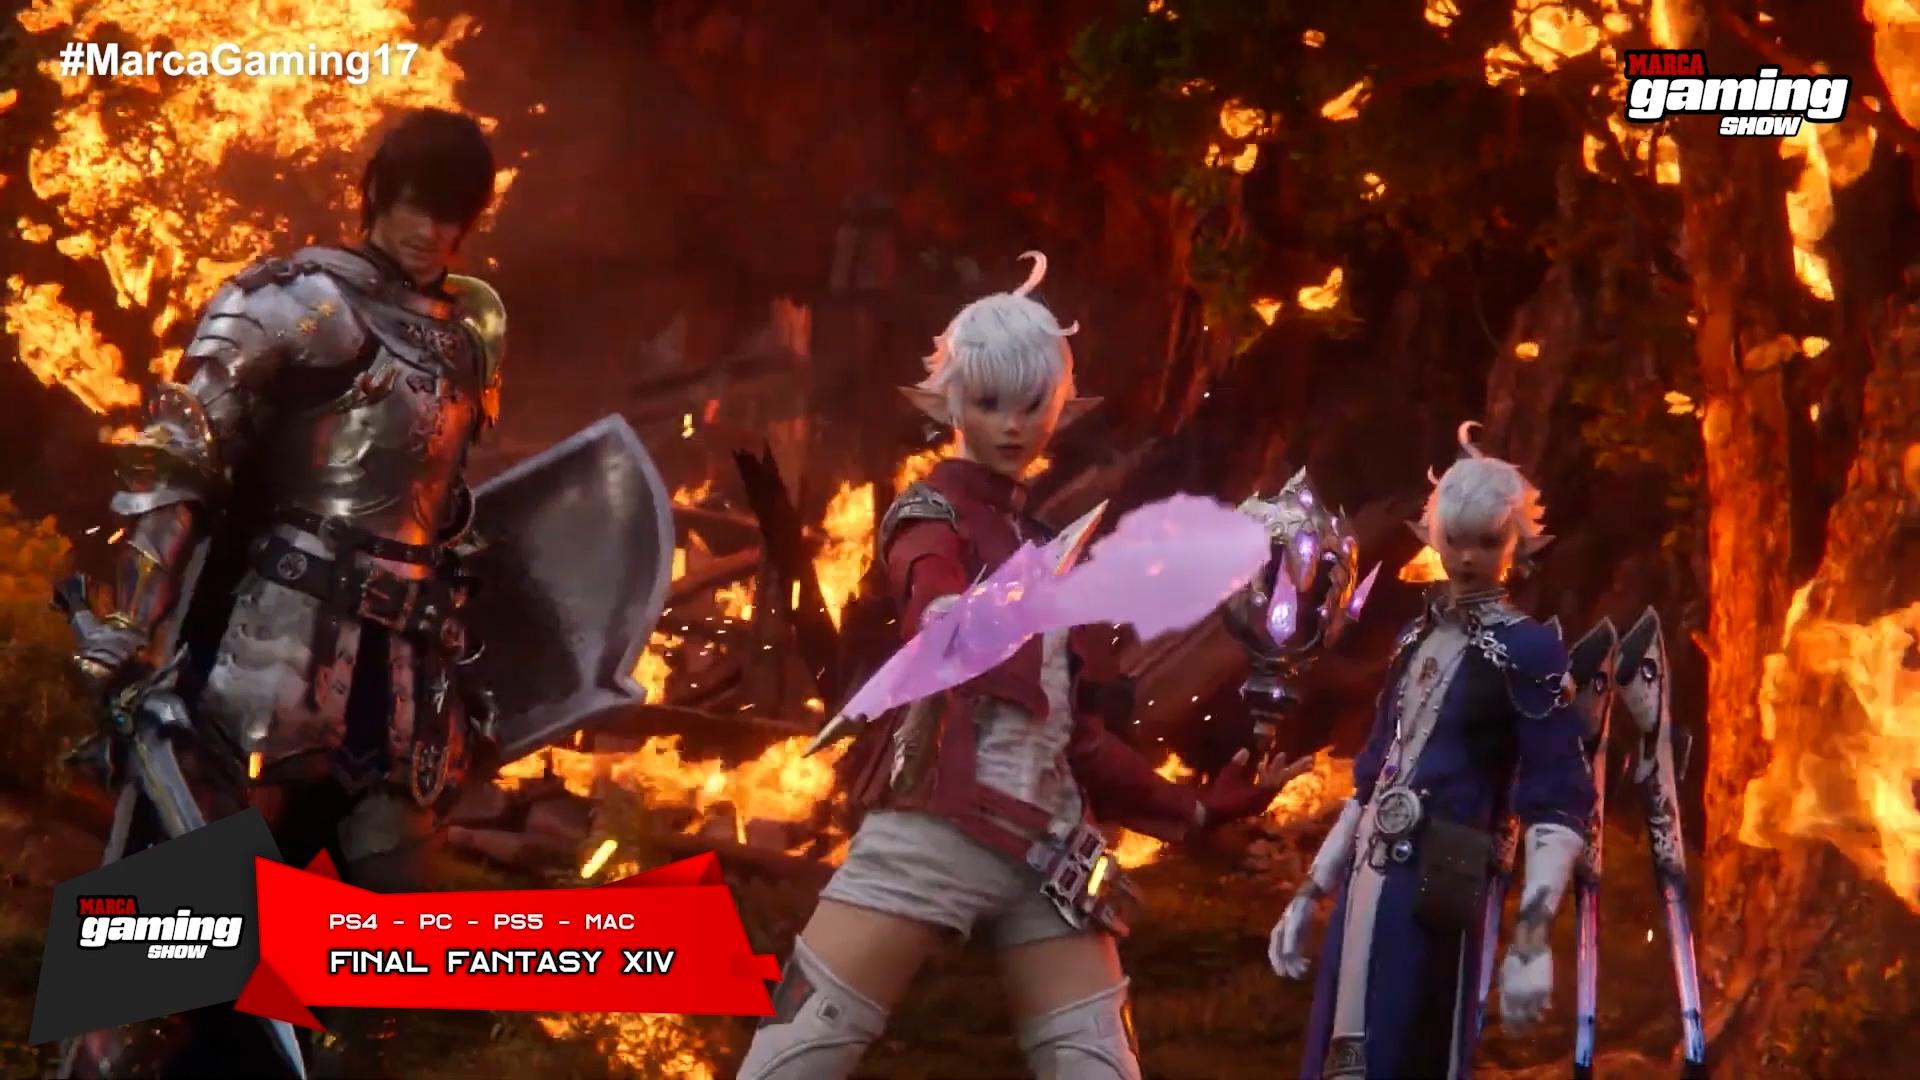 Final Fantasy XIV (PC - PS4)